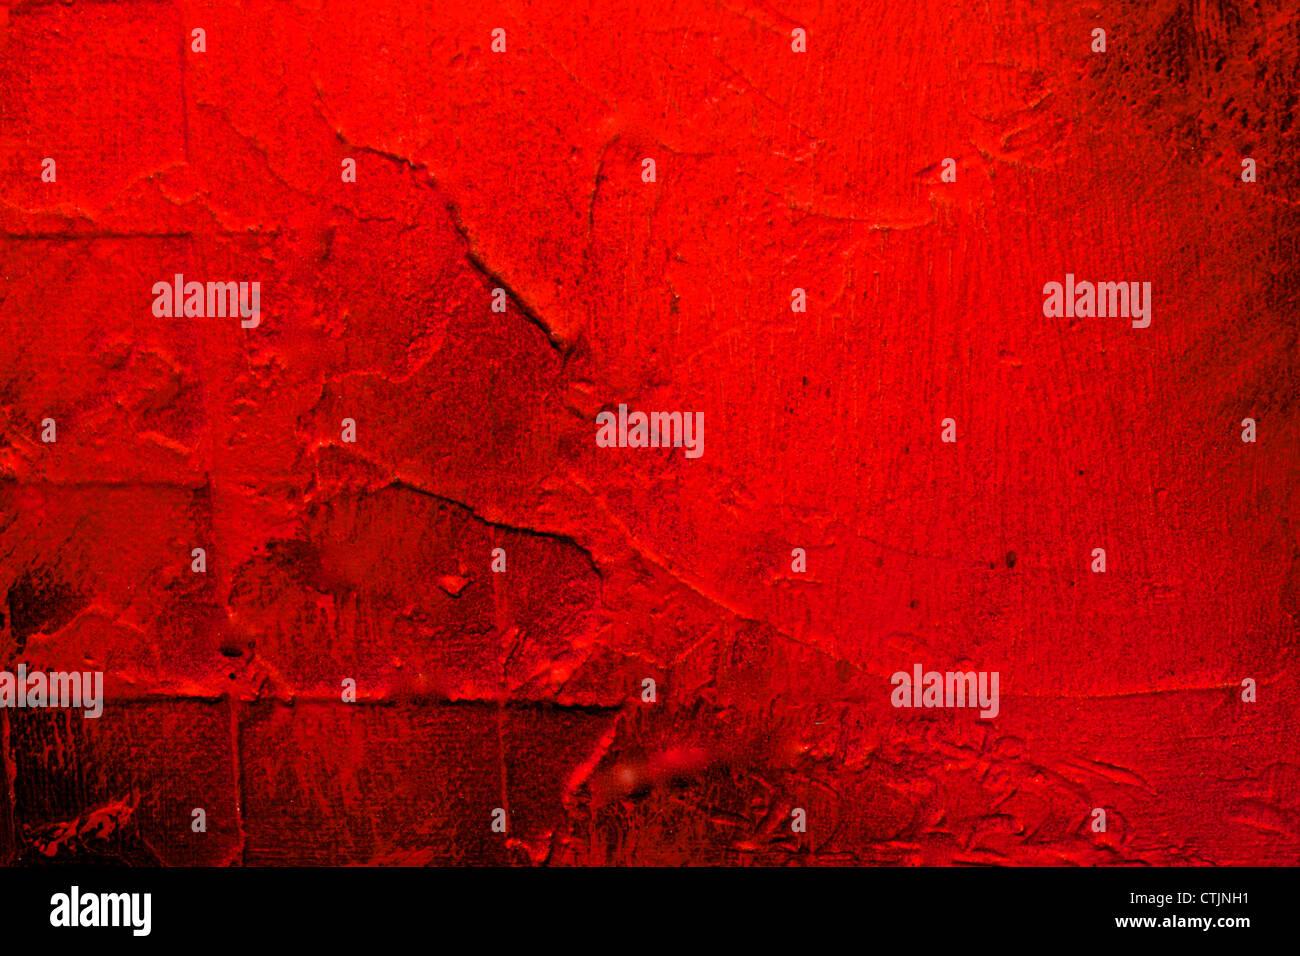 Sfondo rosso o il telaio con un sacco di texture e di dettagli Immagini Stock